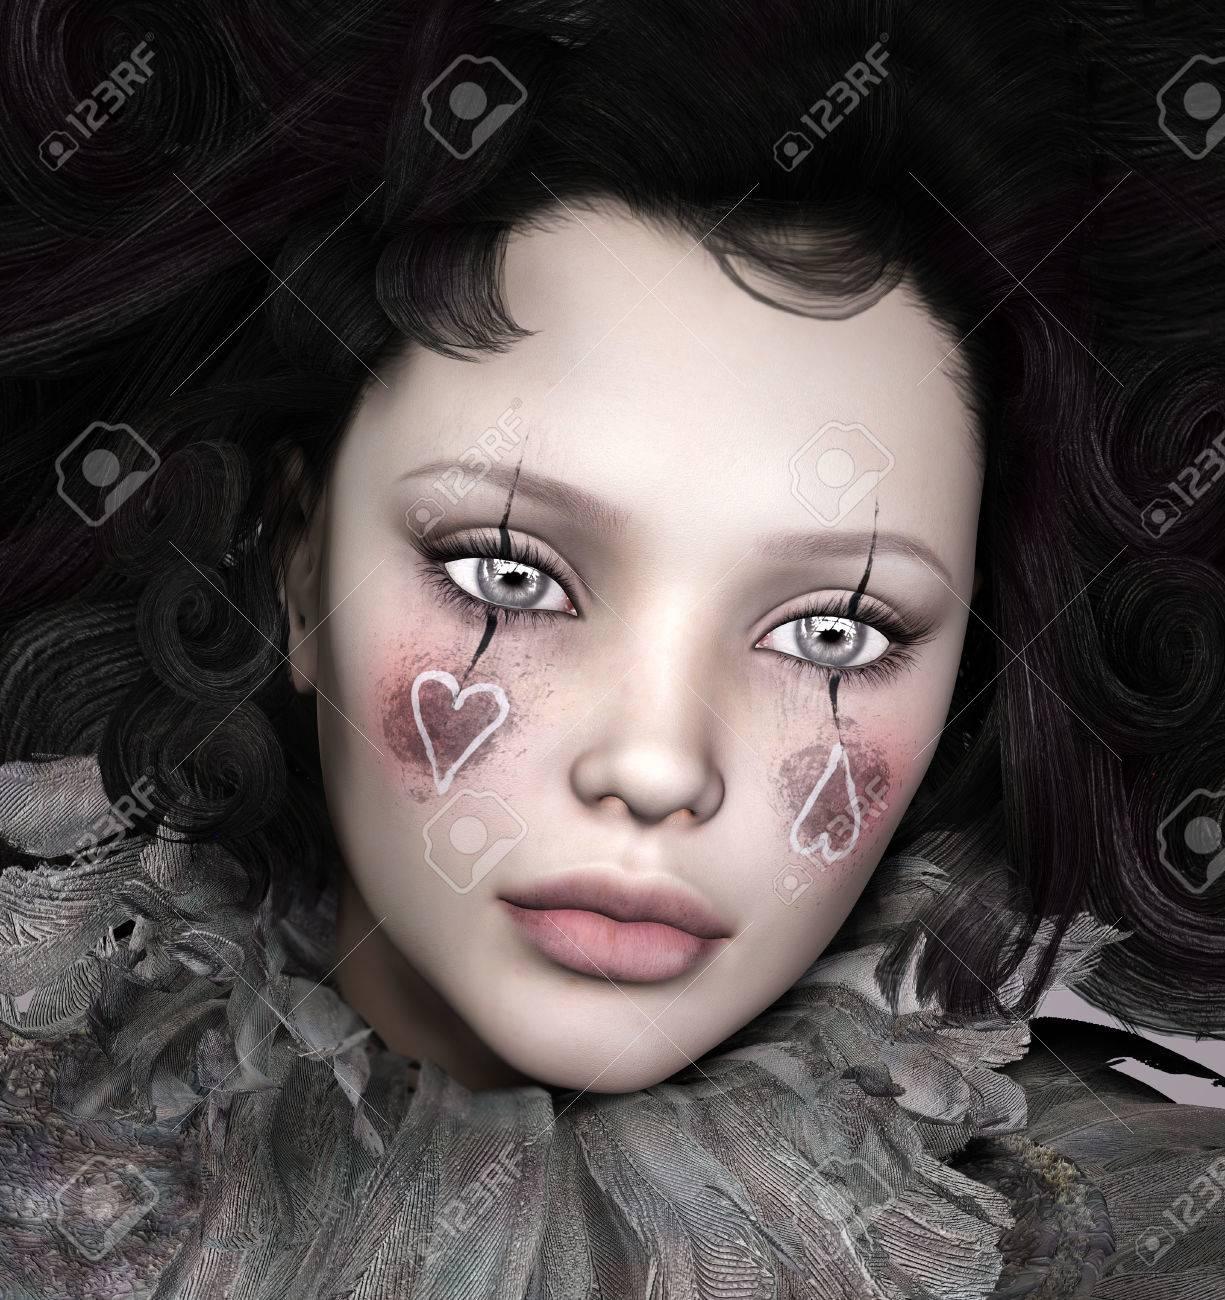 d8988cf3c Foto de archivo - Retrato de una mujer hermosa con maquillaje de fantasía